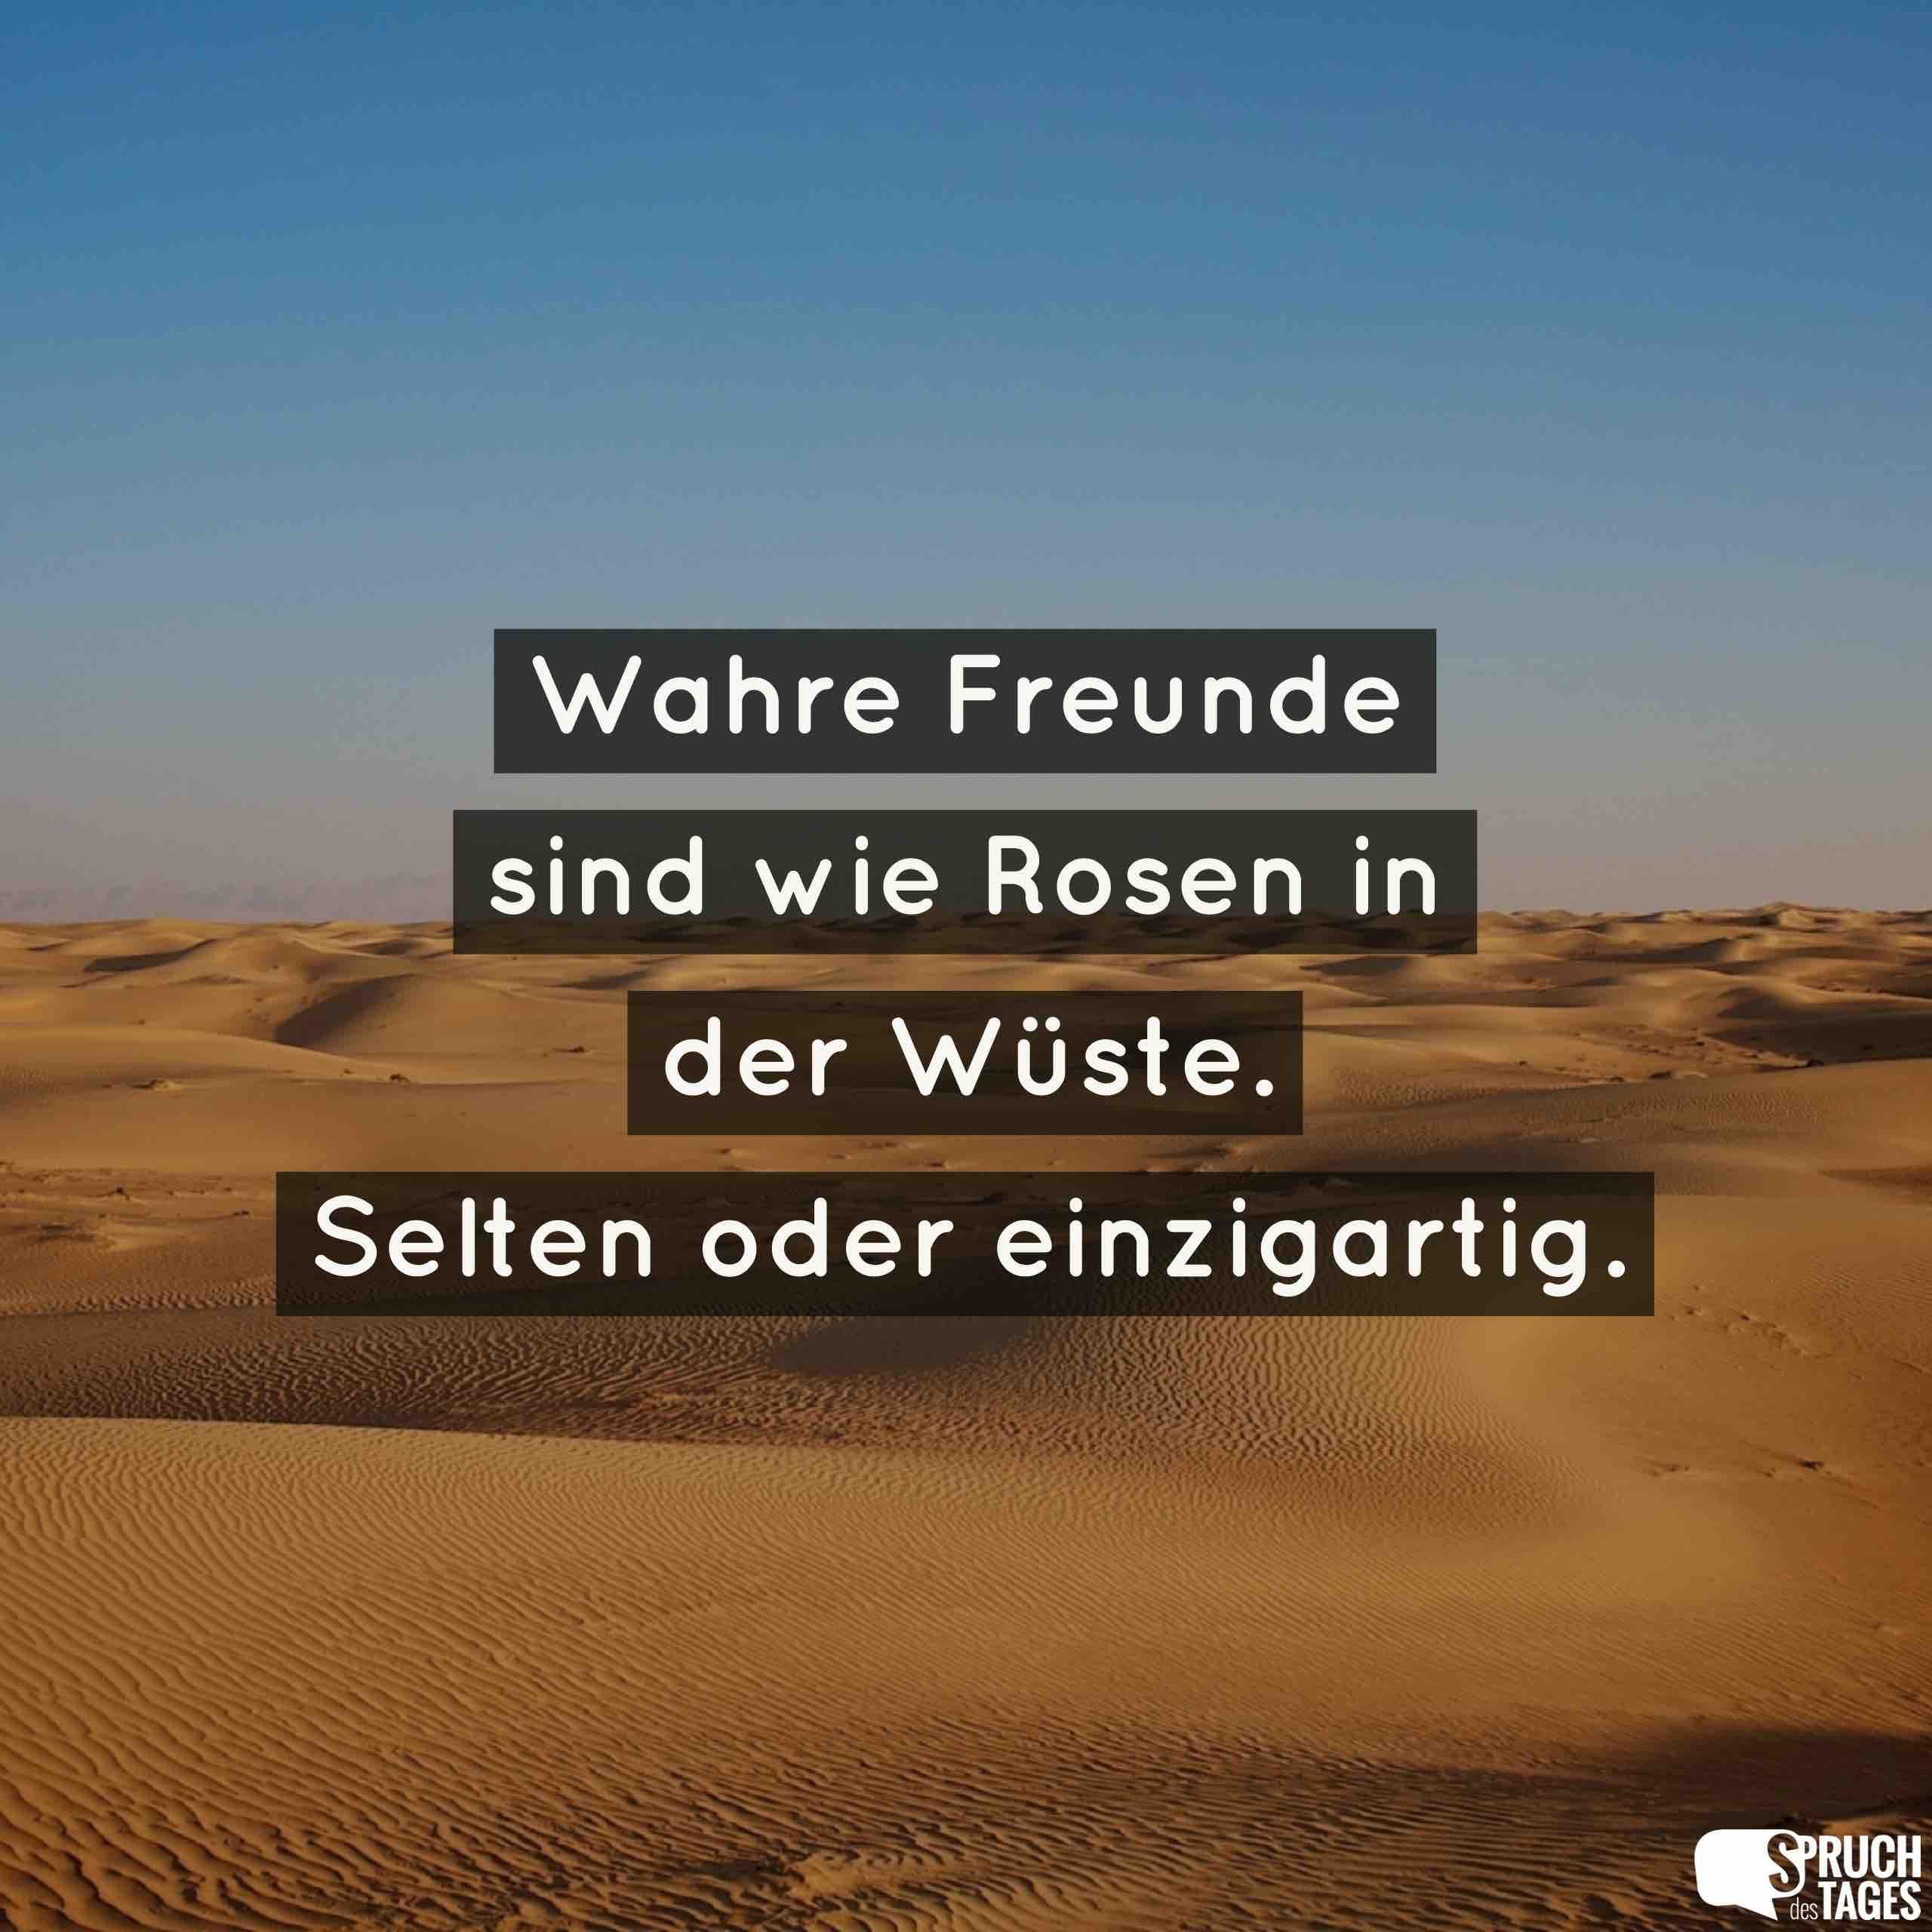 sprüche über rosen Wahre Freunde sind wie Rosen in der Wüste. Selten oder einzigartig. sprüche über rosen